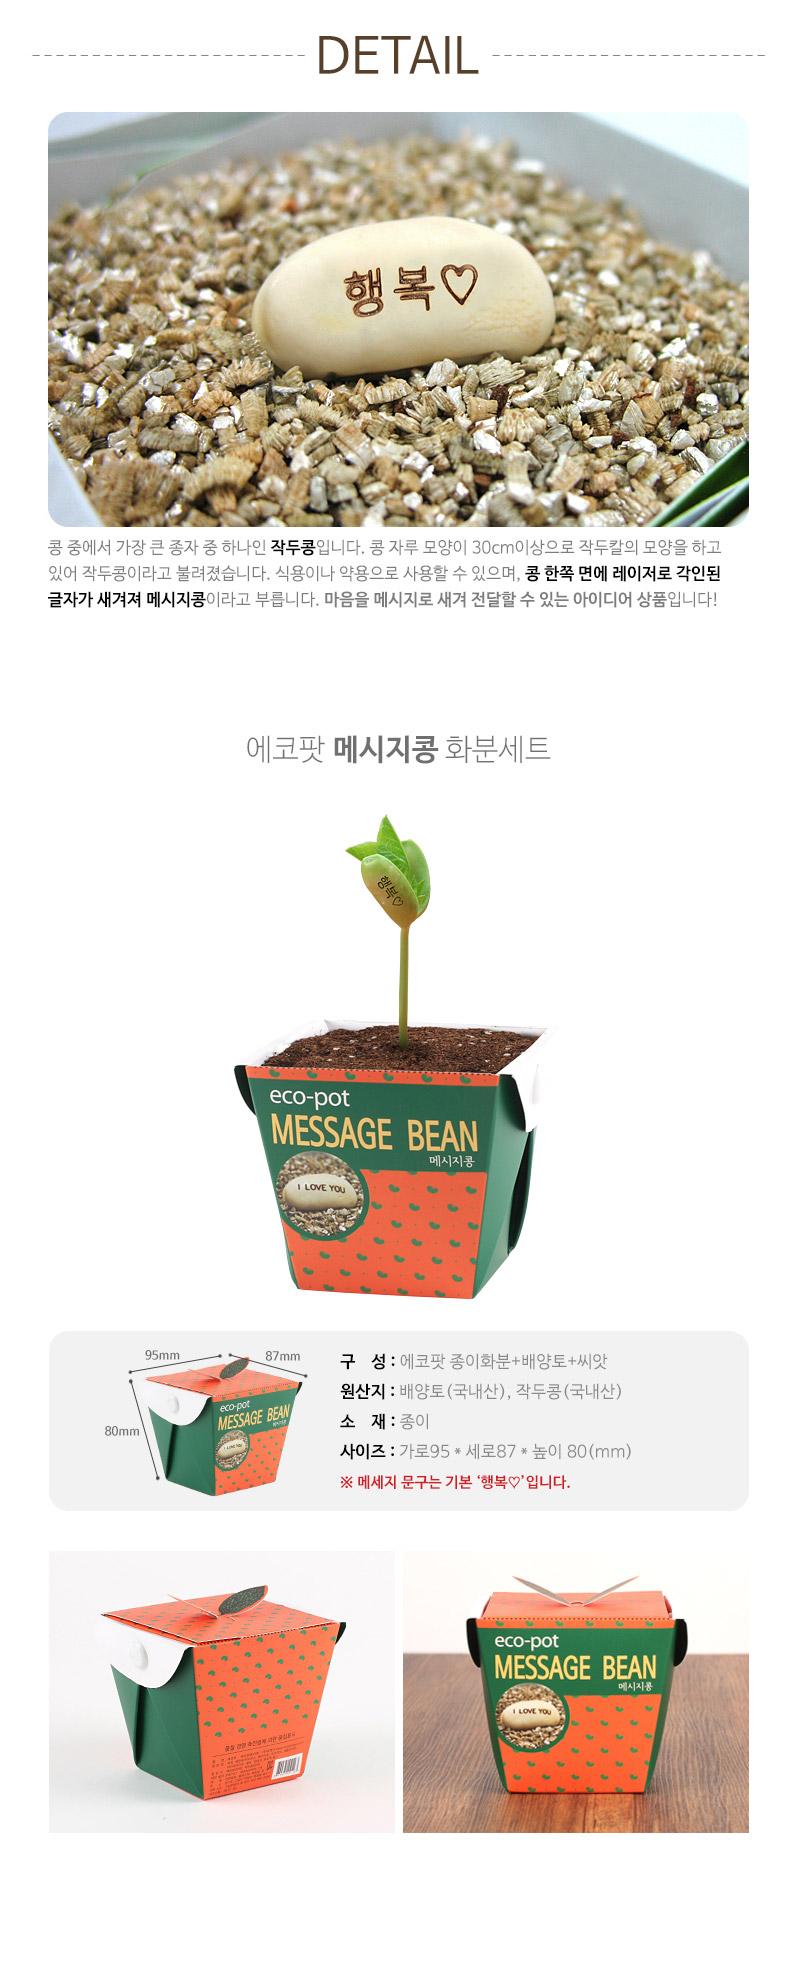 에코팟-메시지콩 - 꿈쟁이플라워캔, 3,000원, 새싹/모종키우기, 새싹 키우기